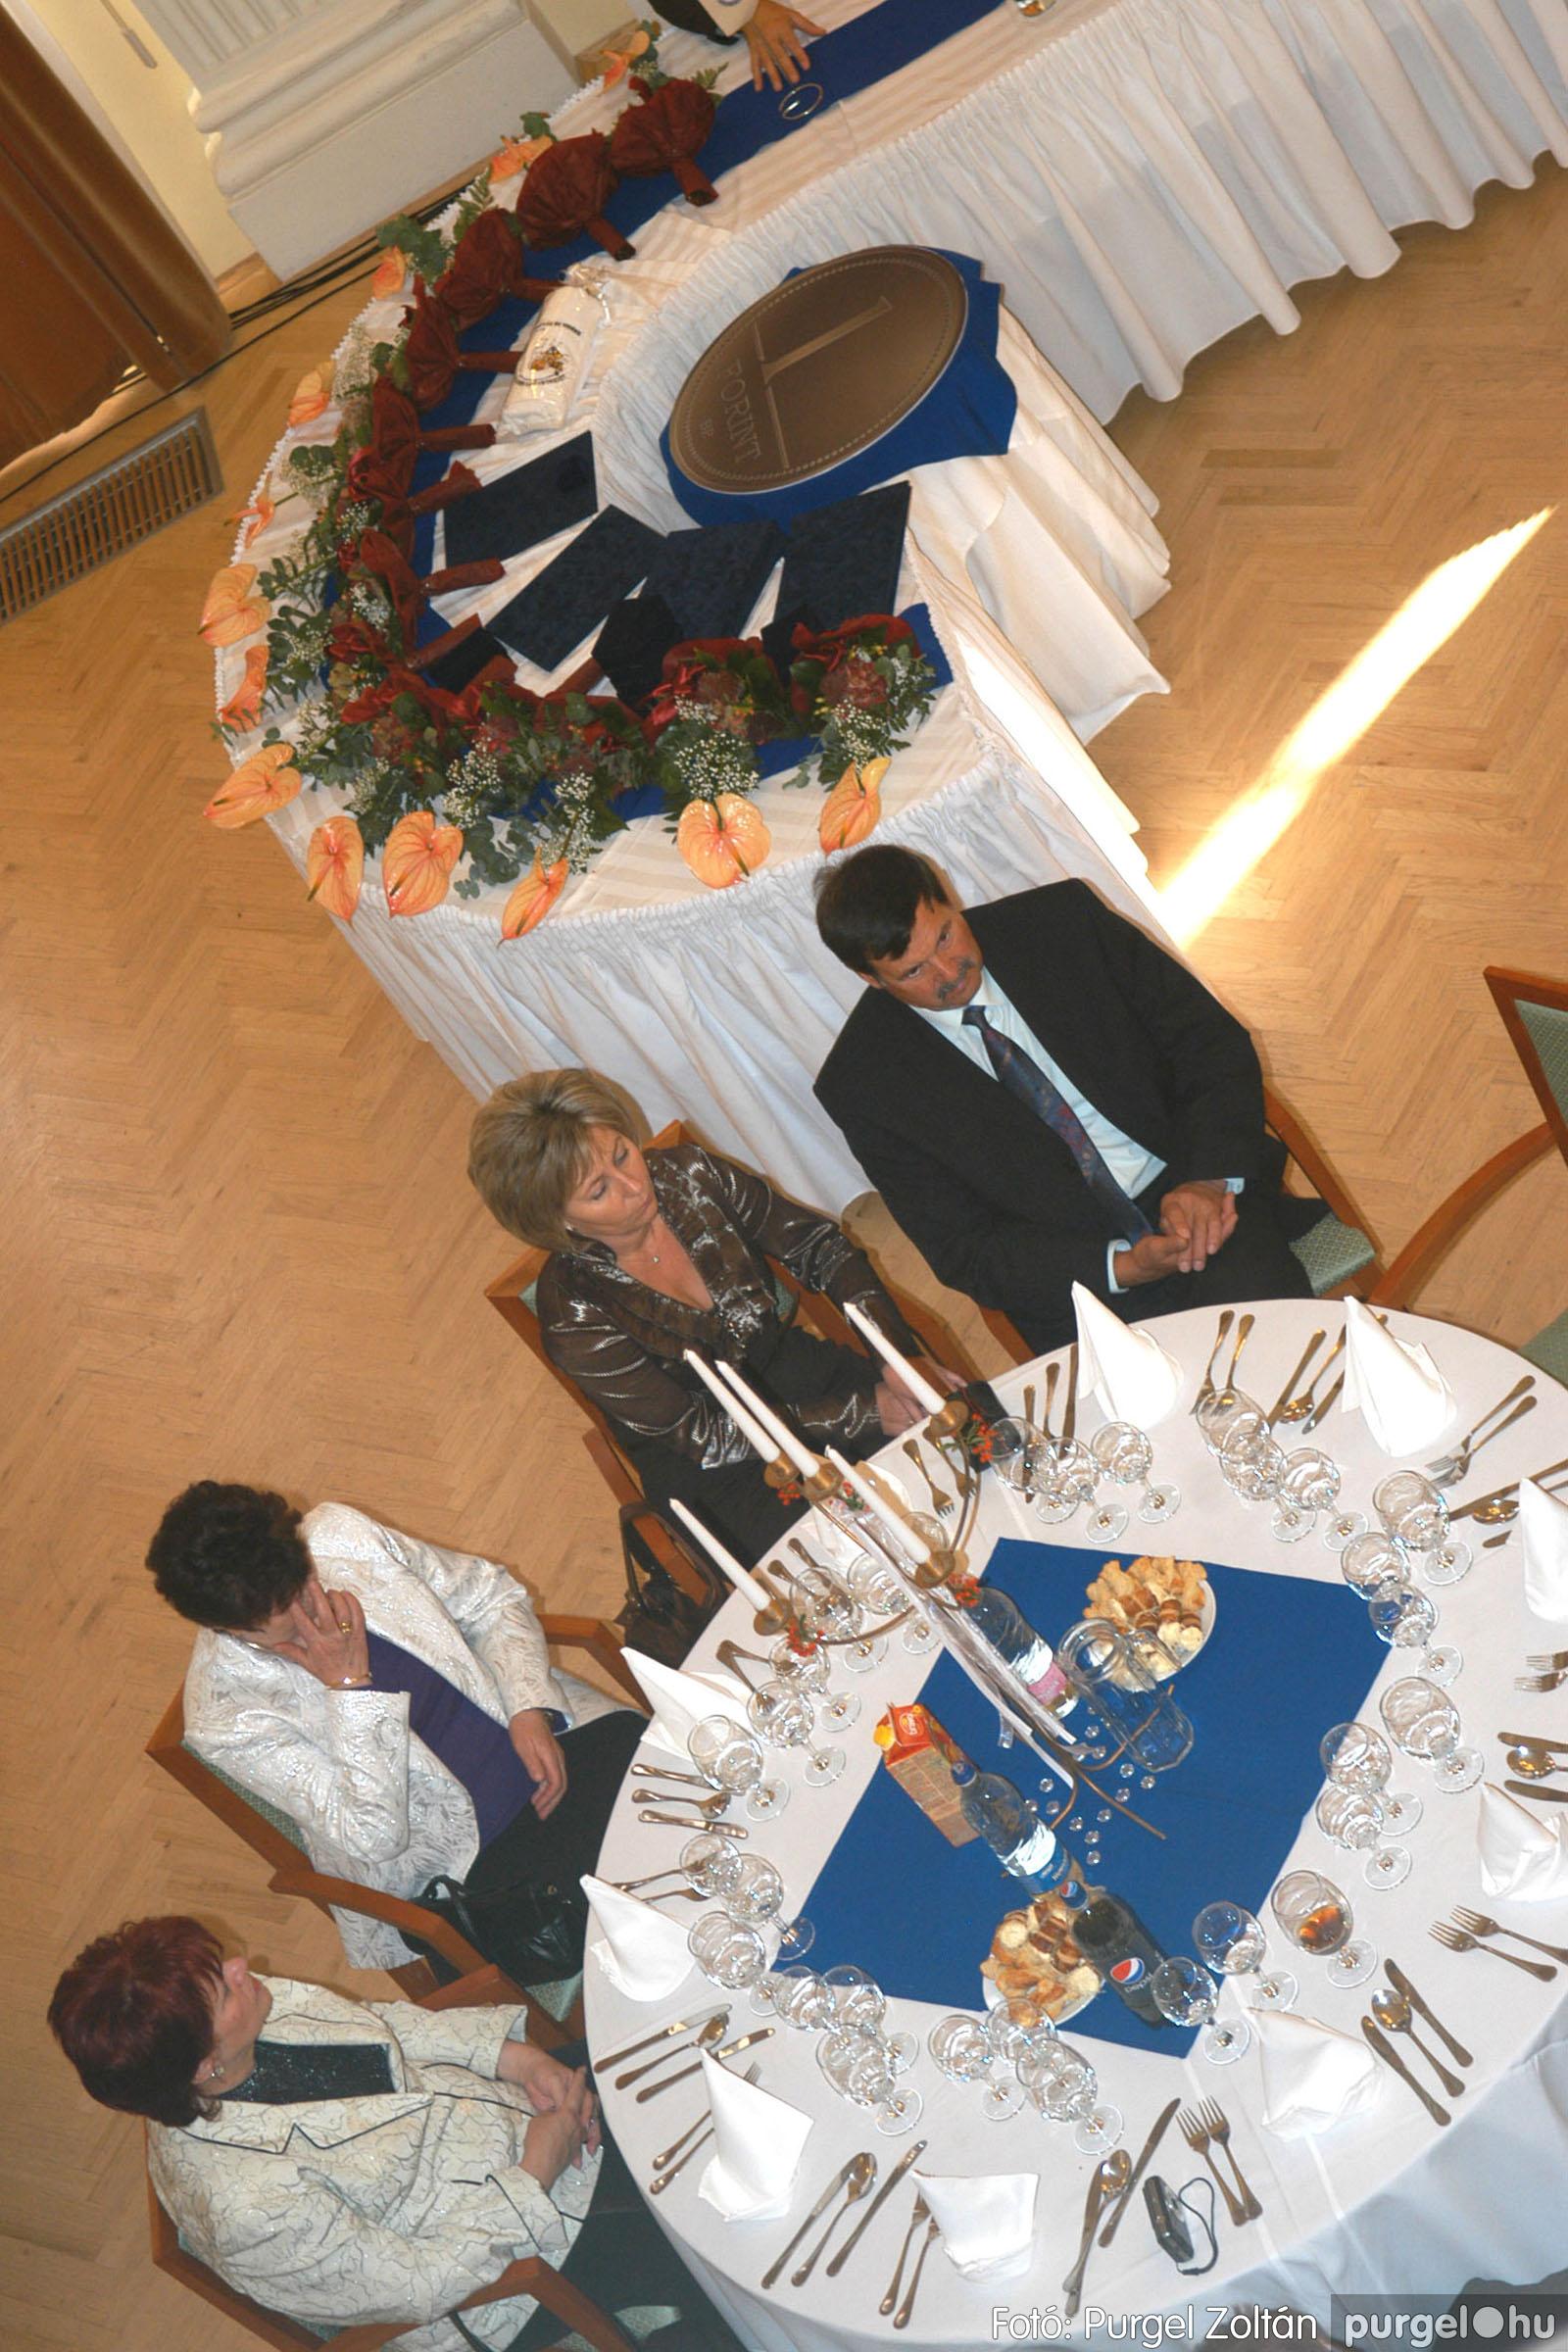 2010.10.28. 044 Szegvár és Vidéke Takarékszövetkezet takarékossági világnap rendezvény - Fotó:P. Z..jpg